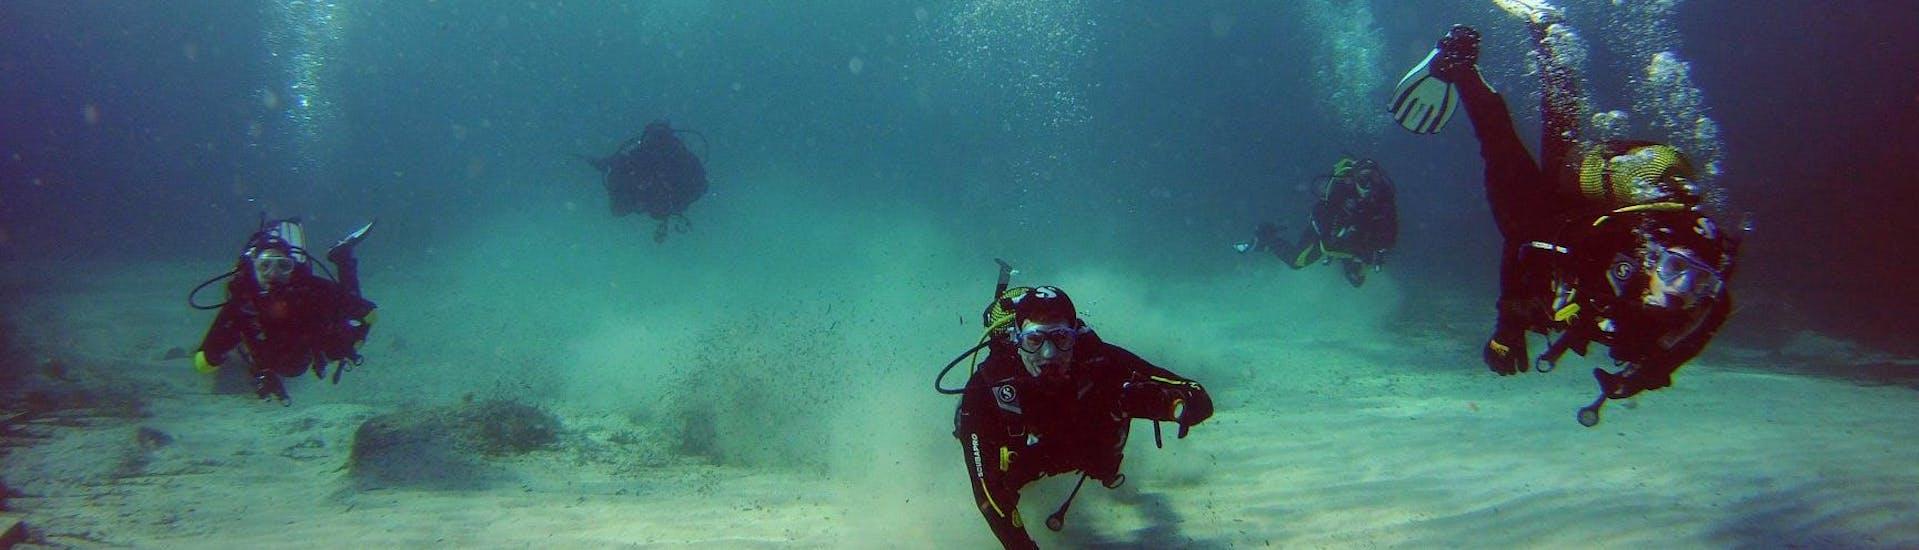 Curso de Buceo para Principiantes - PADI Scuba Diver